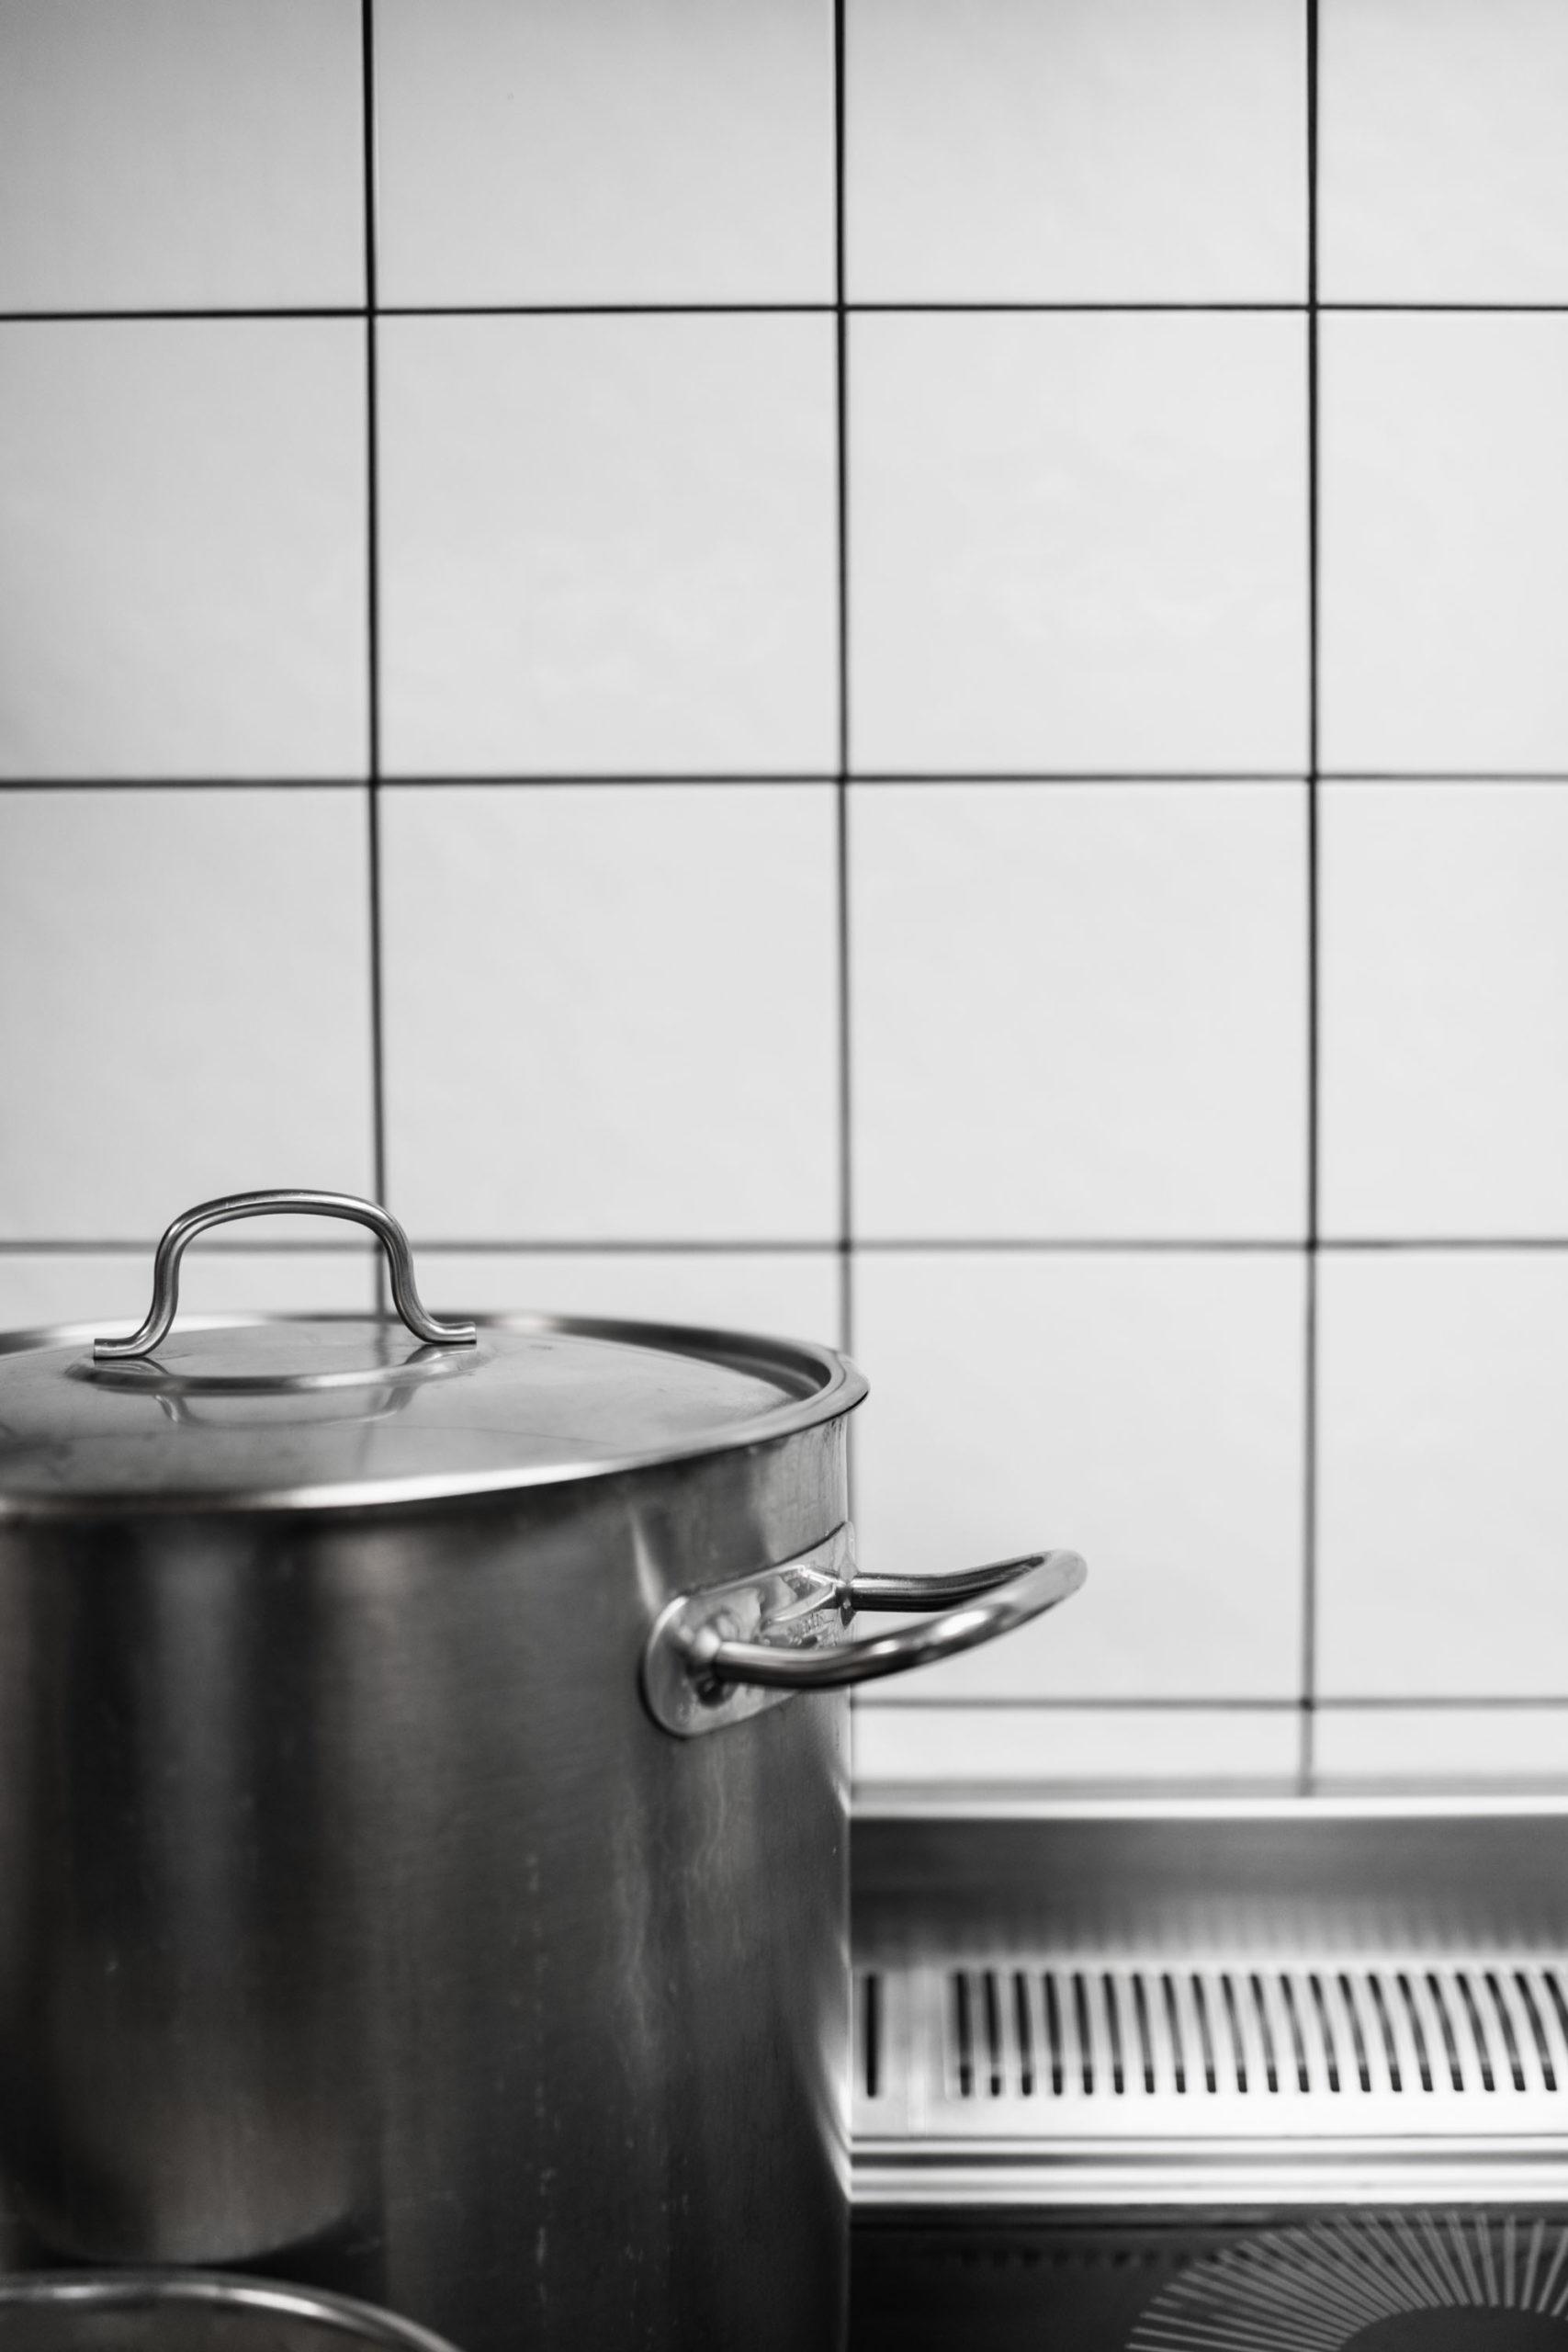 carrelage-traiteur-restauration-chablais-haute-savoie-7